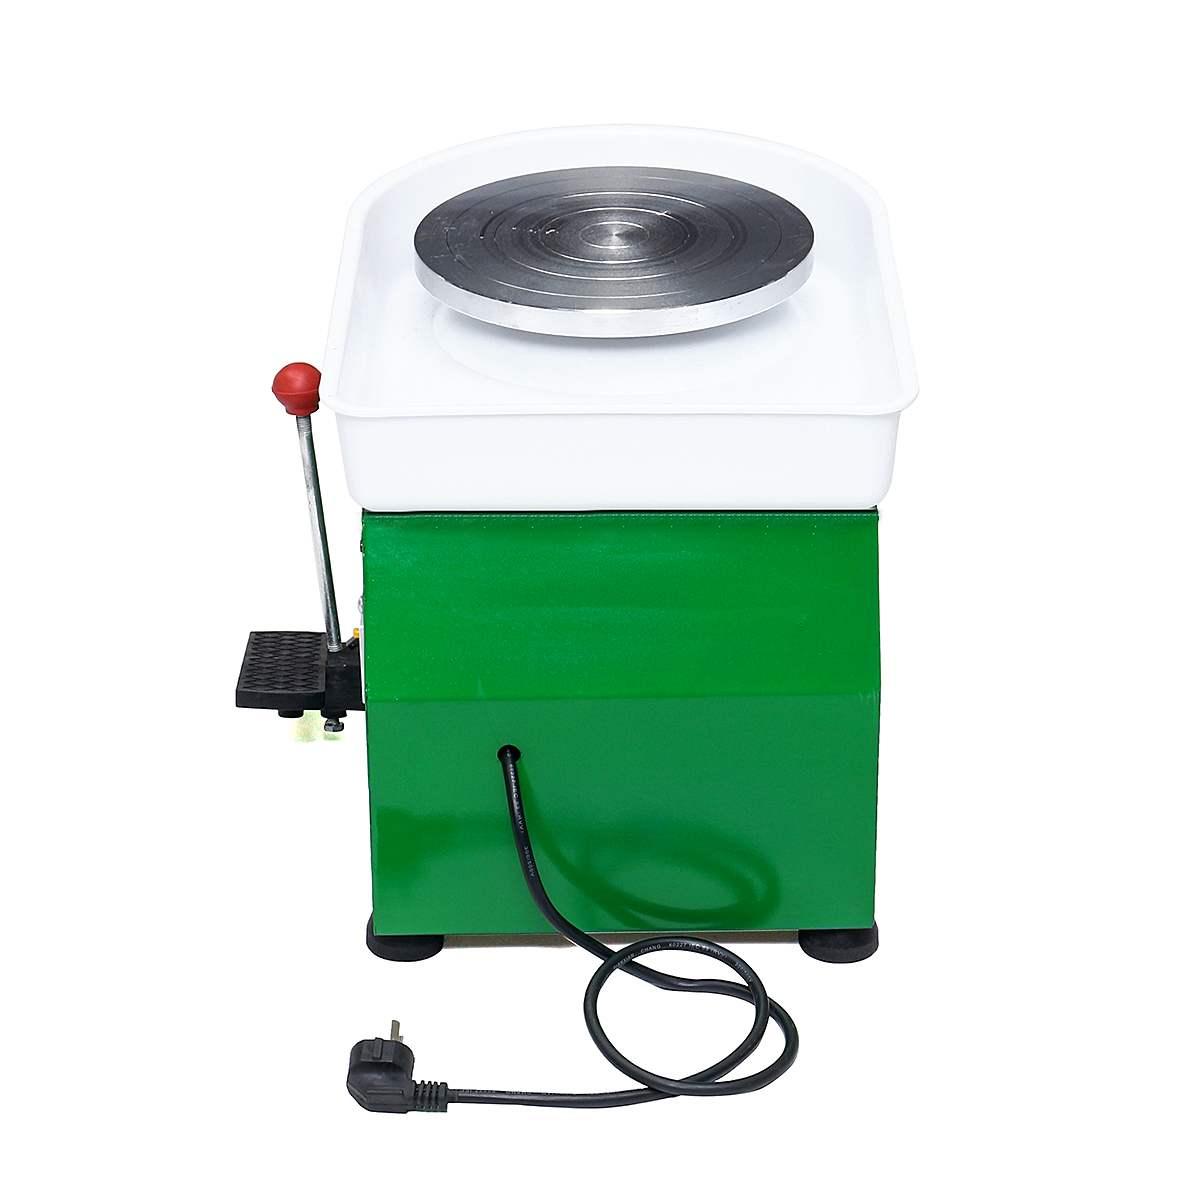 220 V 250 W 250mm tournant la roue de poterie électrique en céramique Machine en céramique argile potier Kit pour céramique de travail en céramique - 4